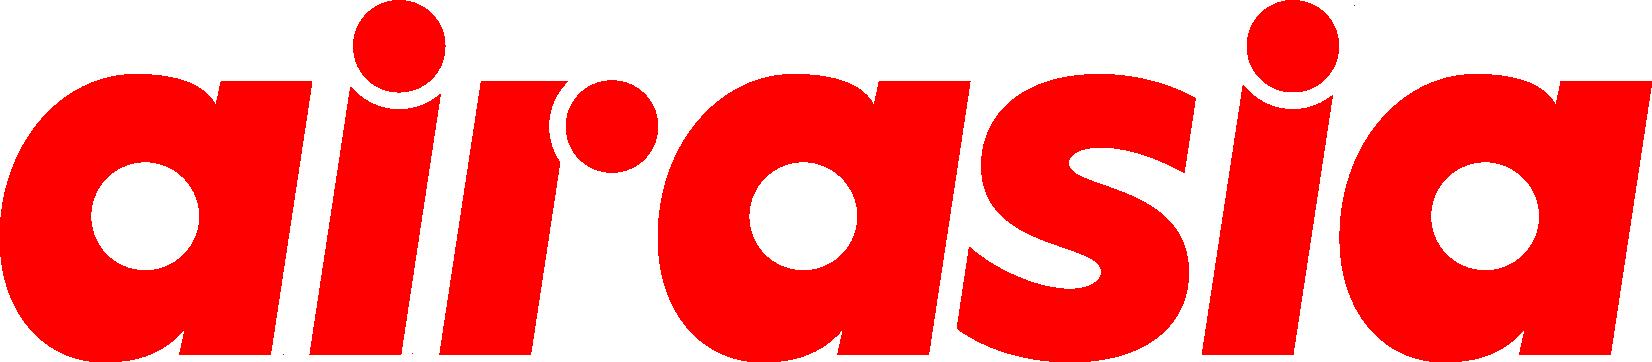 AW-AirAsia_Isologotype_New 2021